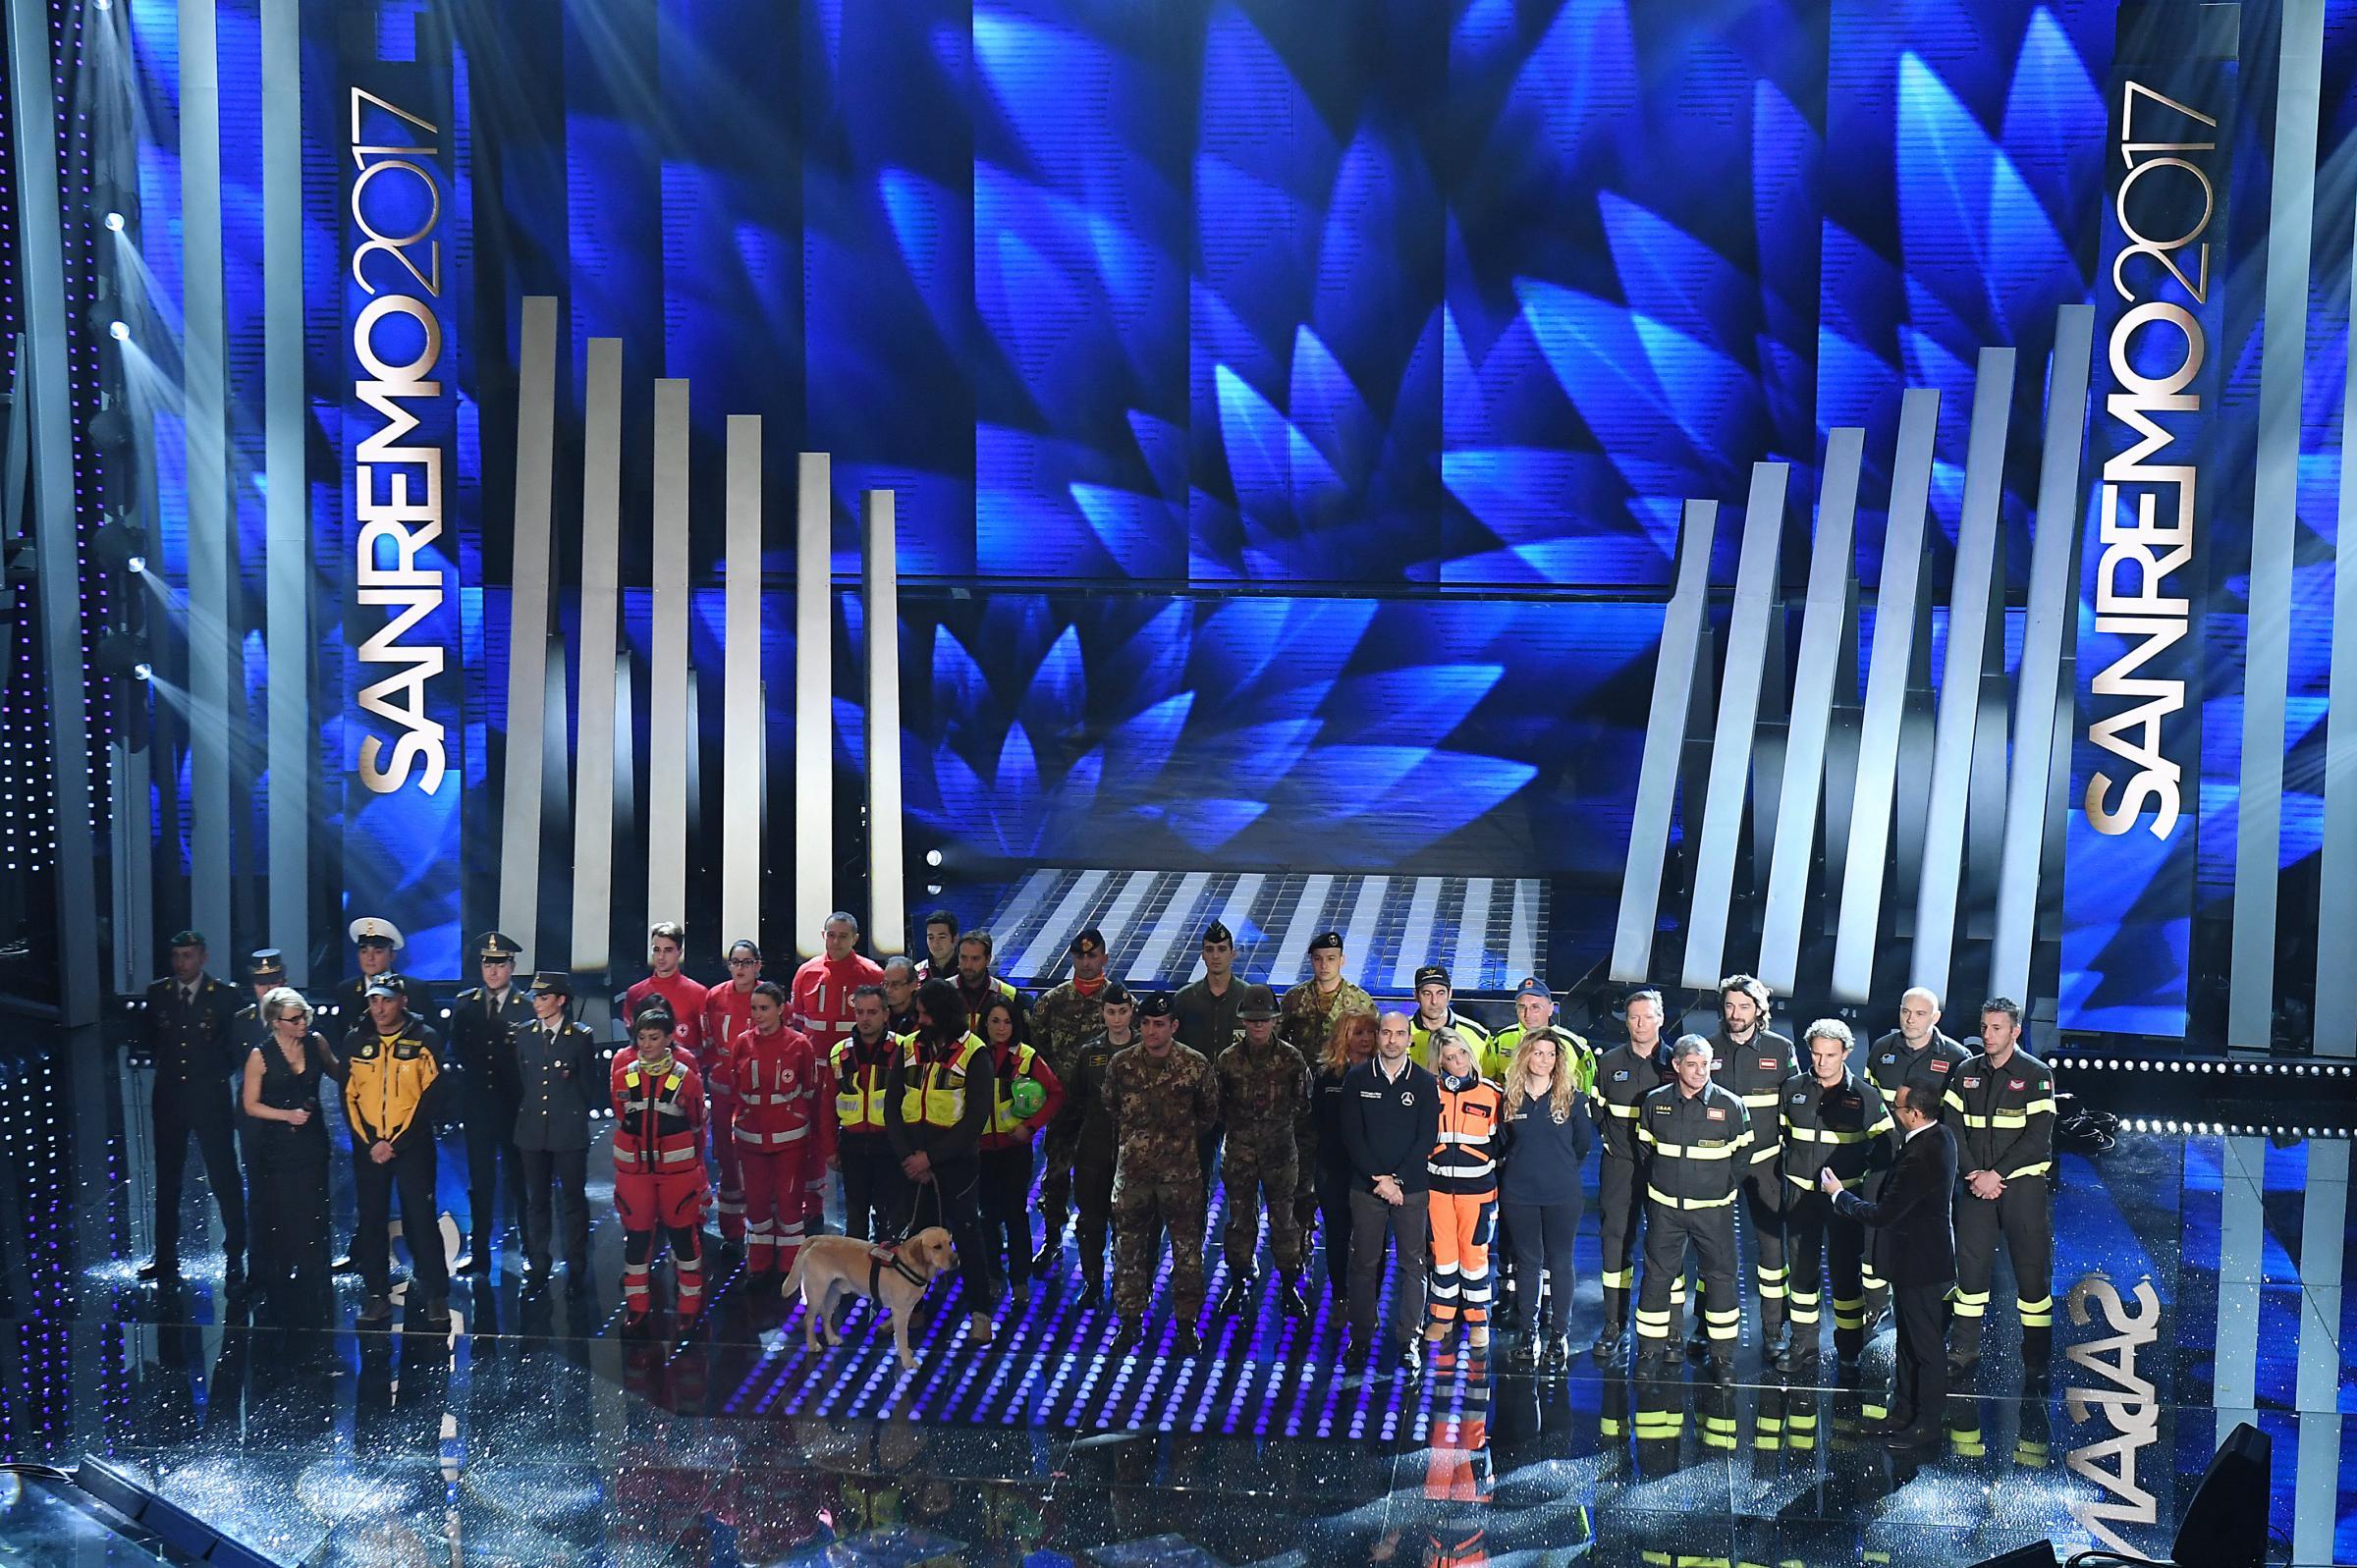 Festival di Sanremo 2017 e la svolta sociale della kermesse: dal bullismo al terremoto